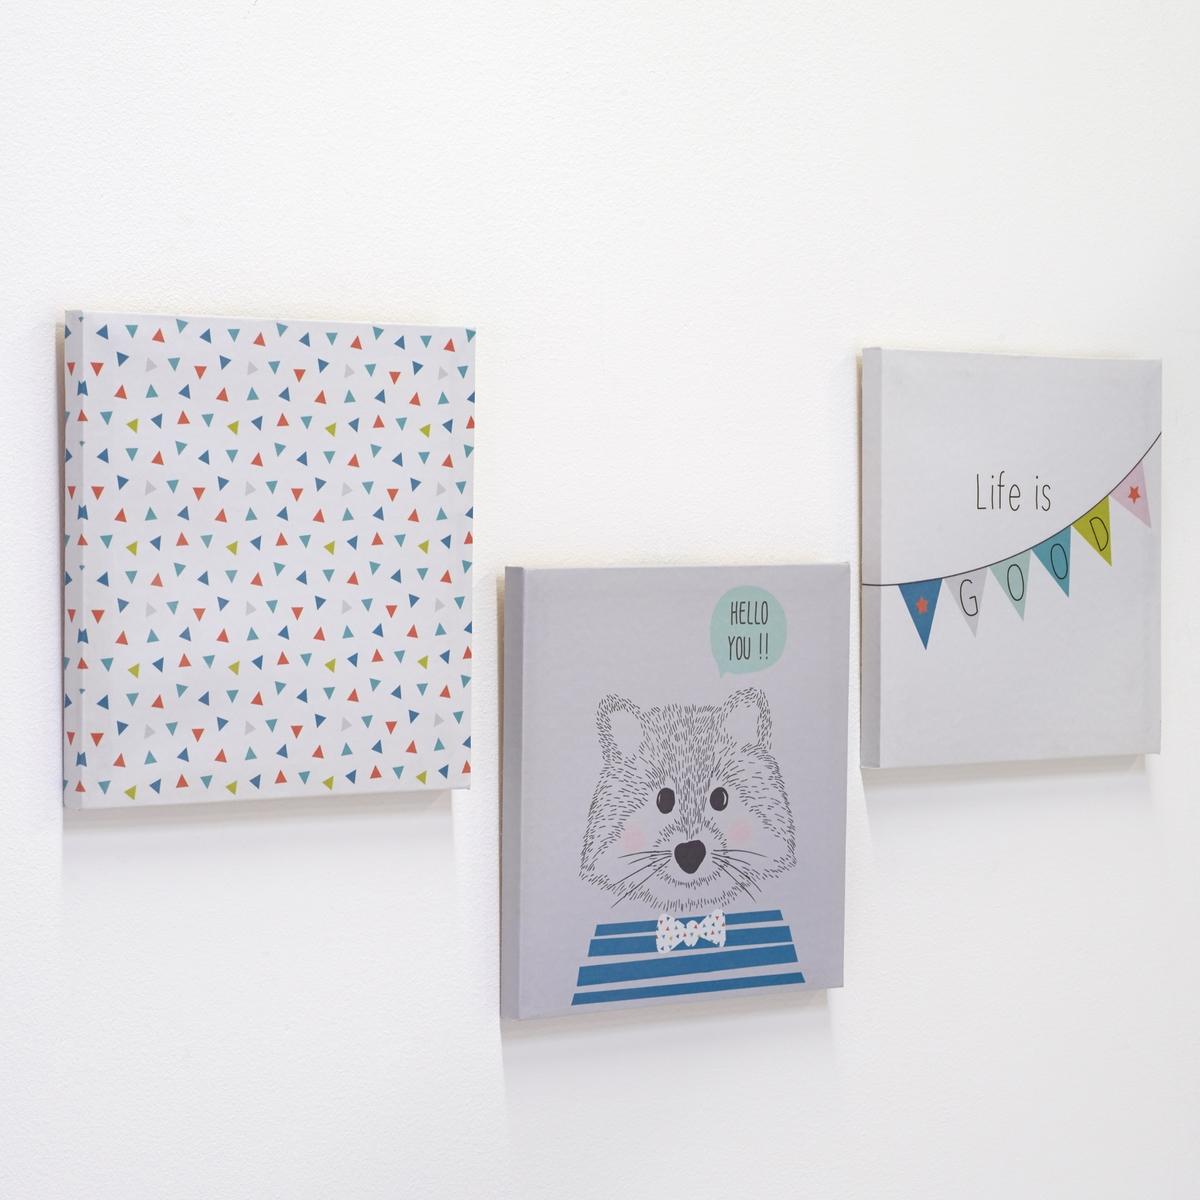 Комплект из 3 декоративных картин KiyuteОписание декоративных картин Kiyute:3 иллюстрации, изображающие прекрасный мир детства : гирлянда, плюшевый медведь и геометрические рисунки.Характеристики декоративных картин Kiyute:1 крюк для крепления к стене (винты и крепления продаются отдельно)+ комплект из 3 полотен в рамке из сосныОткройте для себя всю коллекцию декора на сайте laredoute.ruРазмеры декоративных картин Kiyute:25 x 25 x 18 см<br><br>Цвет: разноцветный<br>Размер: единый размер